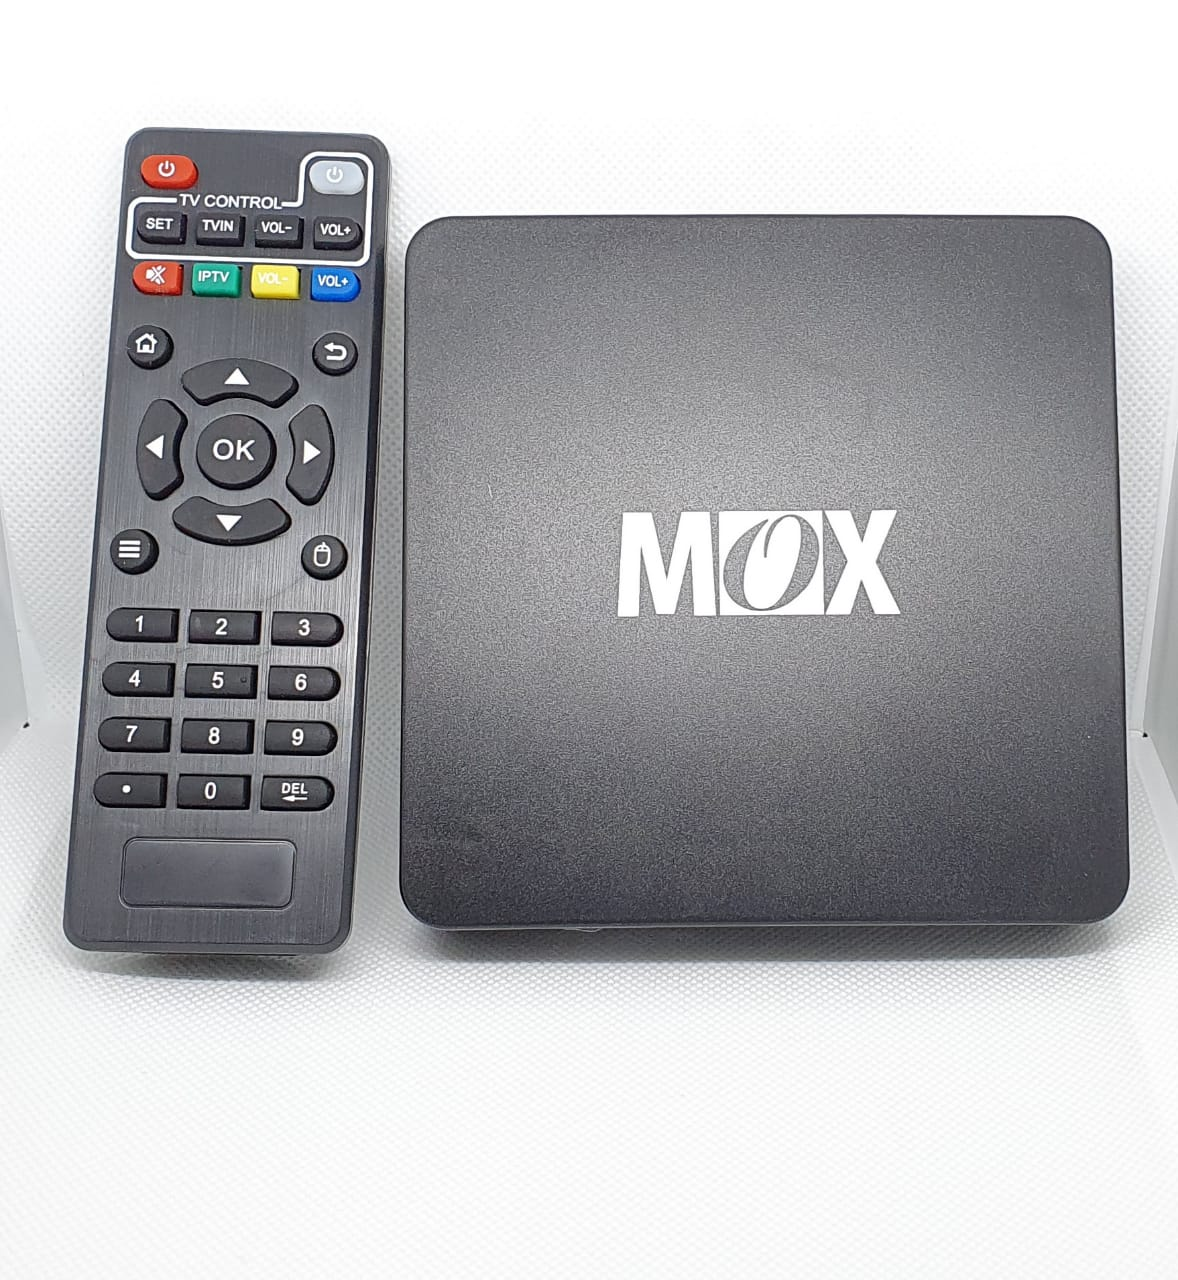 TV BOX MOX 1GB RAM 8GB ROOM